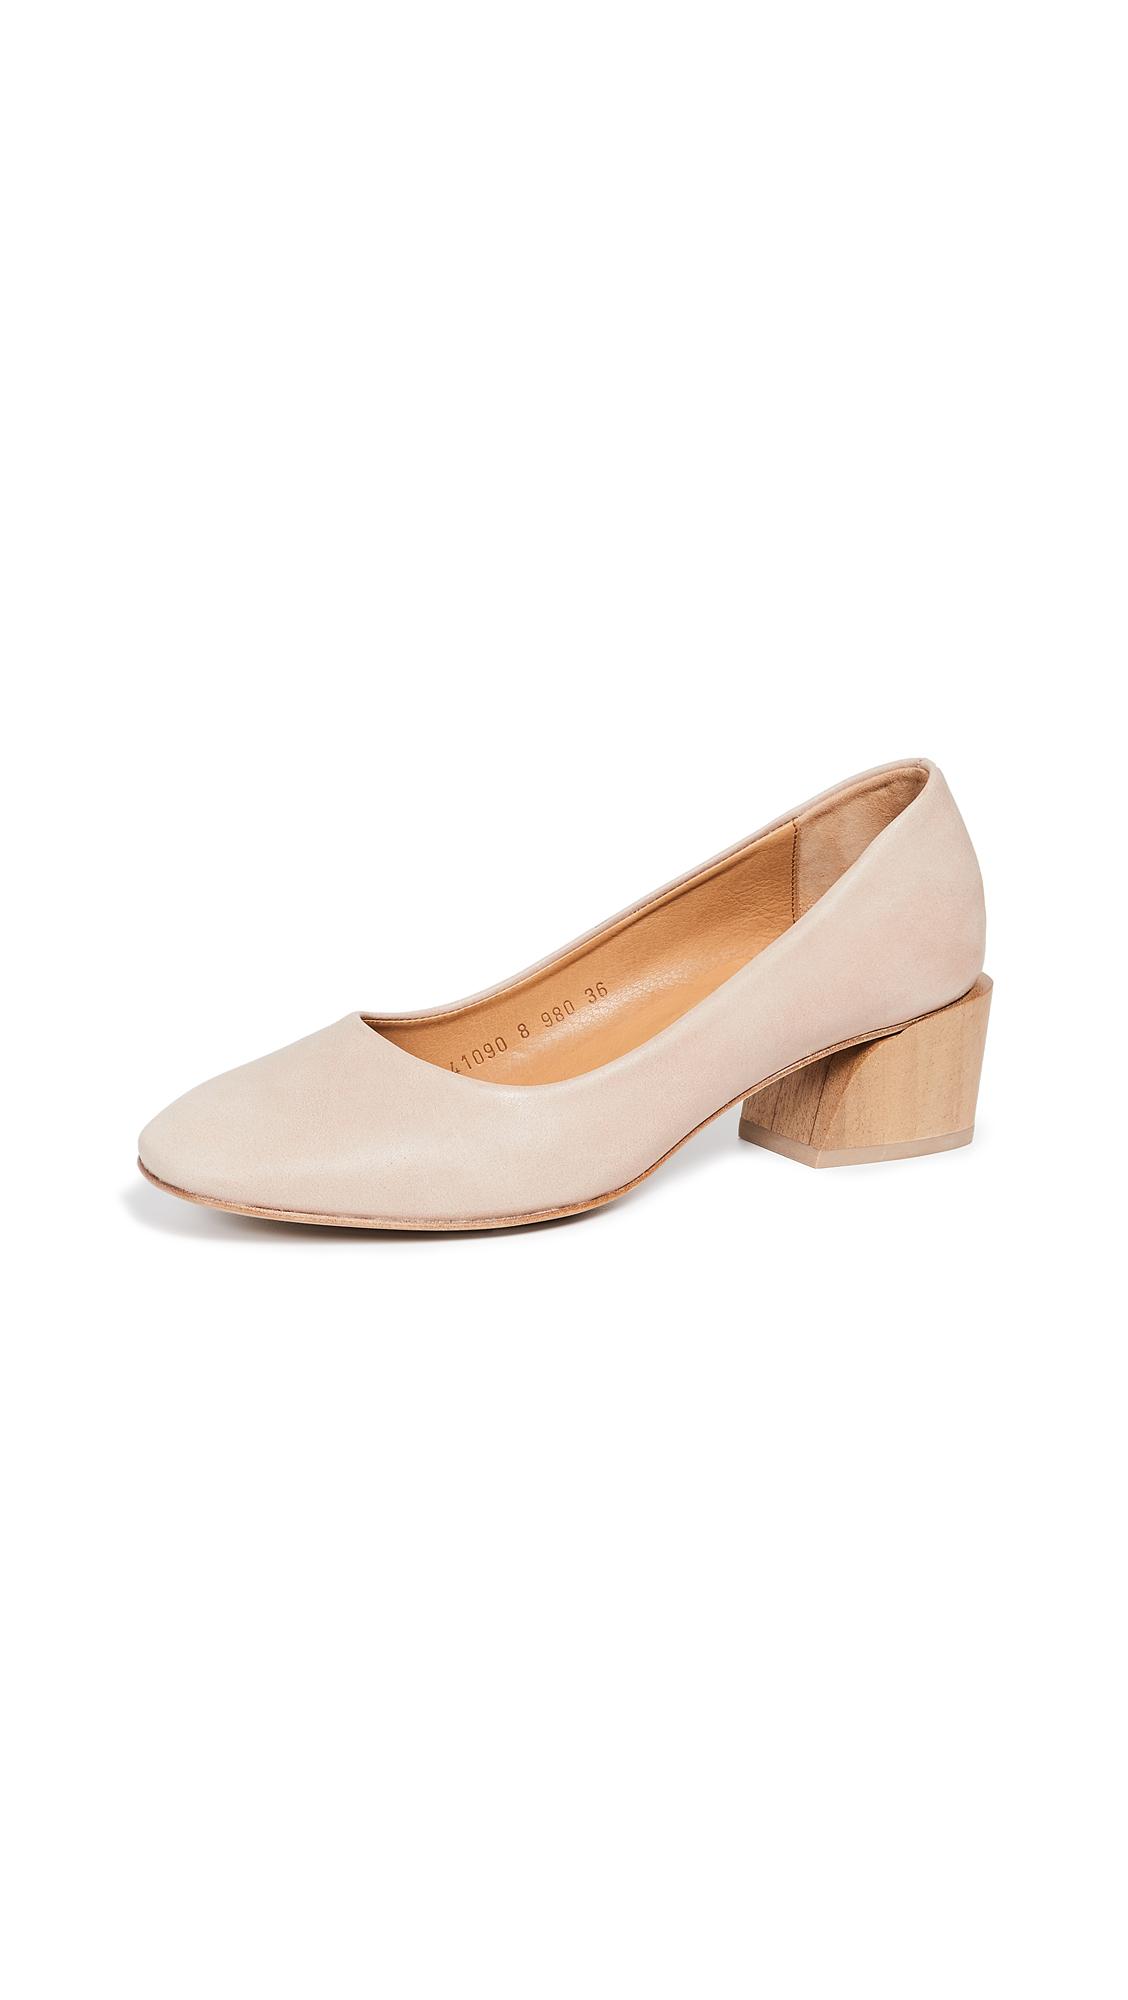 Coclico Shoes Epice Block Heel Pumps